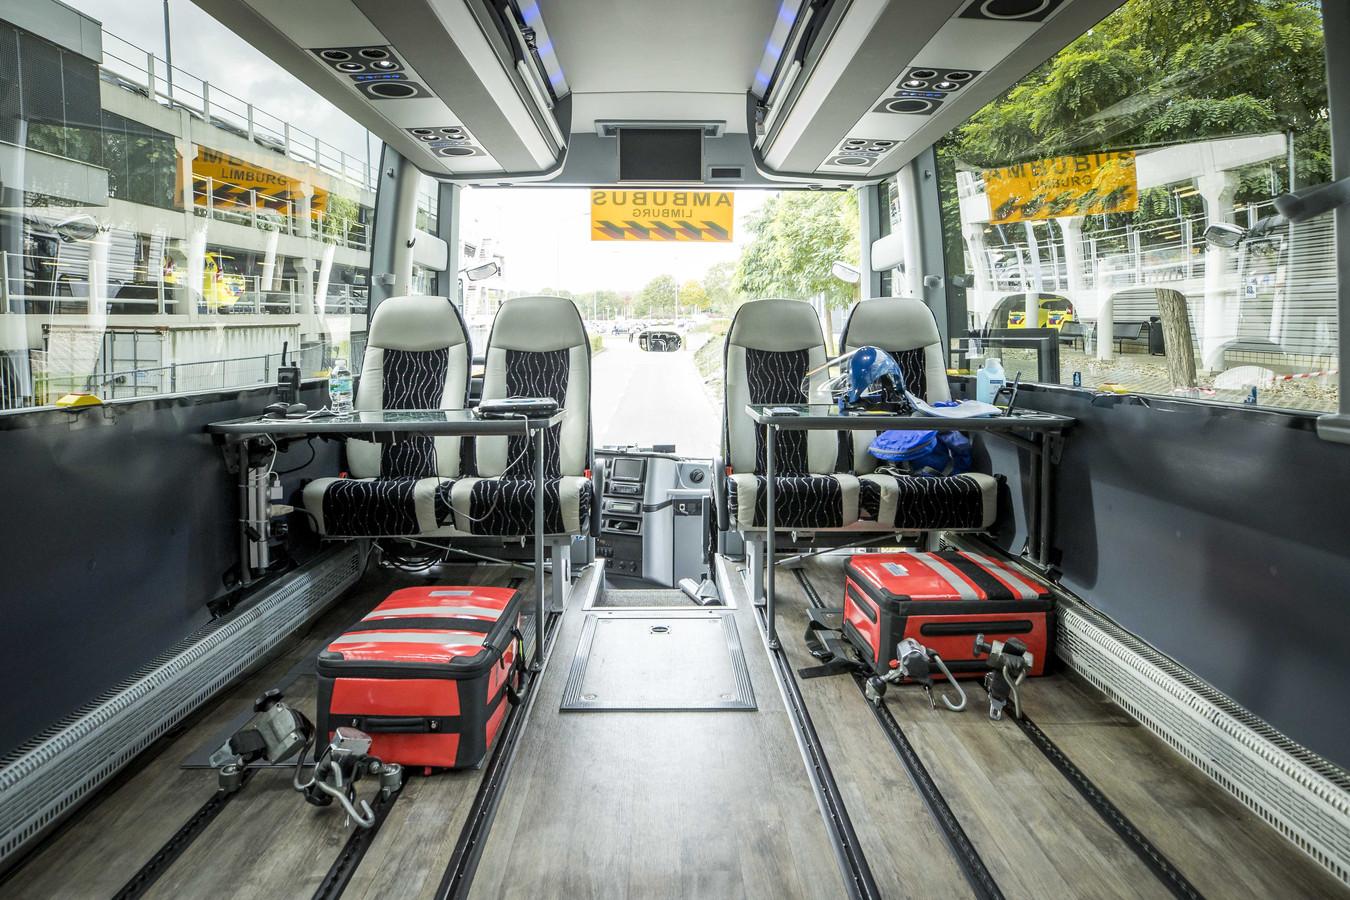 Het interieur van de tweede ambulancebus: een omgebouwde touringcar. Het Regionaal Overleg Acute Zorg (ROAZ) in Limburg wil hem de komende tijd vaker gaan inzetten om meerdere patiënten tegelijk over te plaatsen.